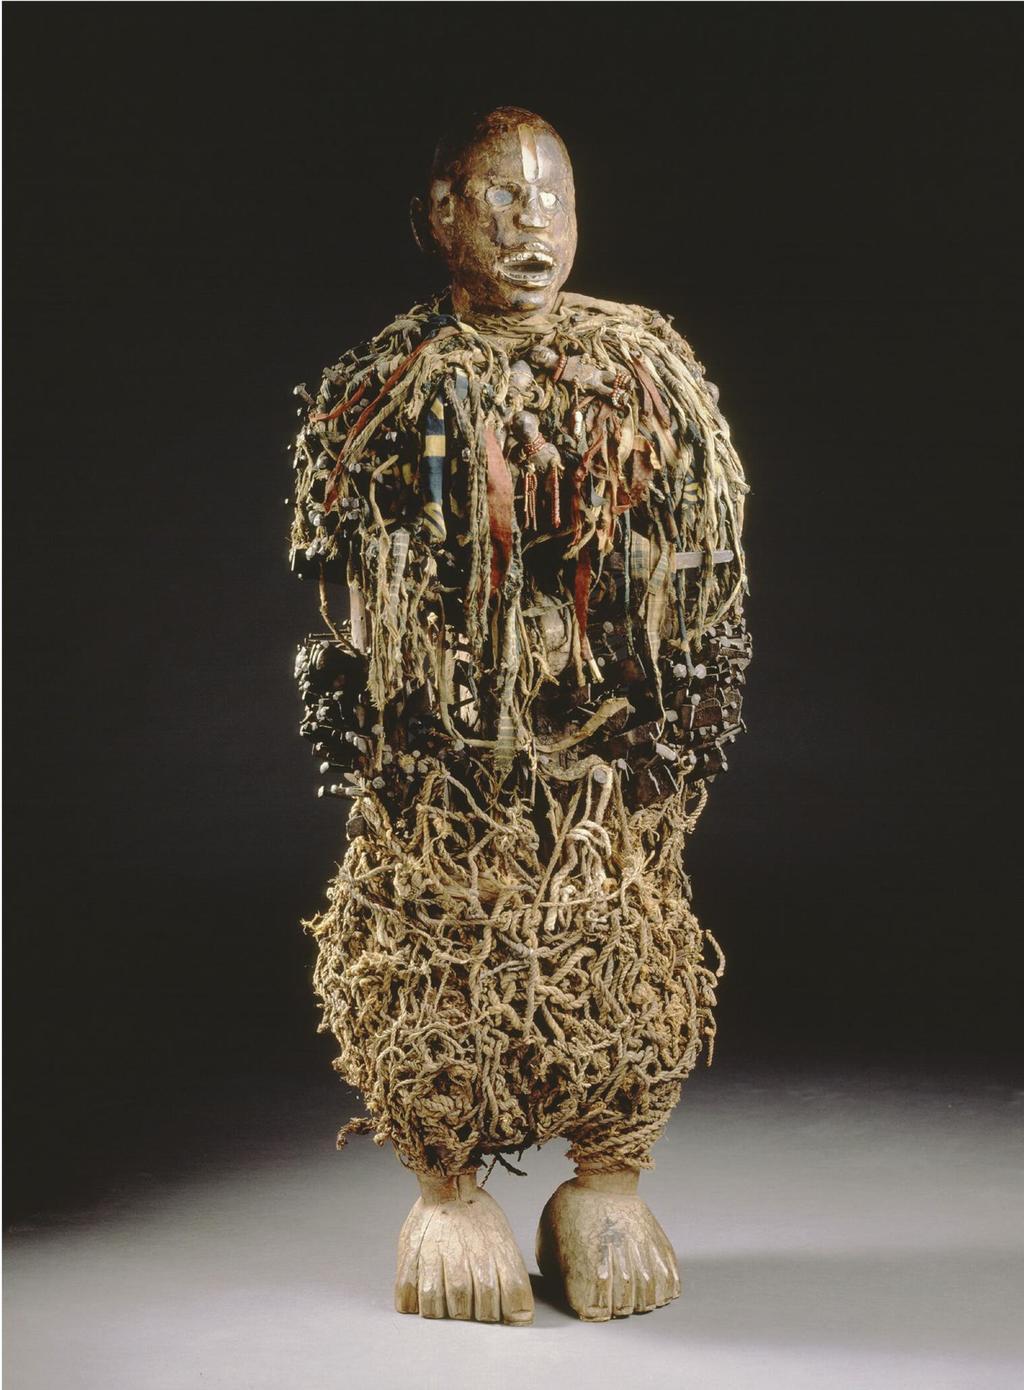 Nkisi Kondi de L'AfricaMuseum